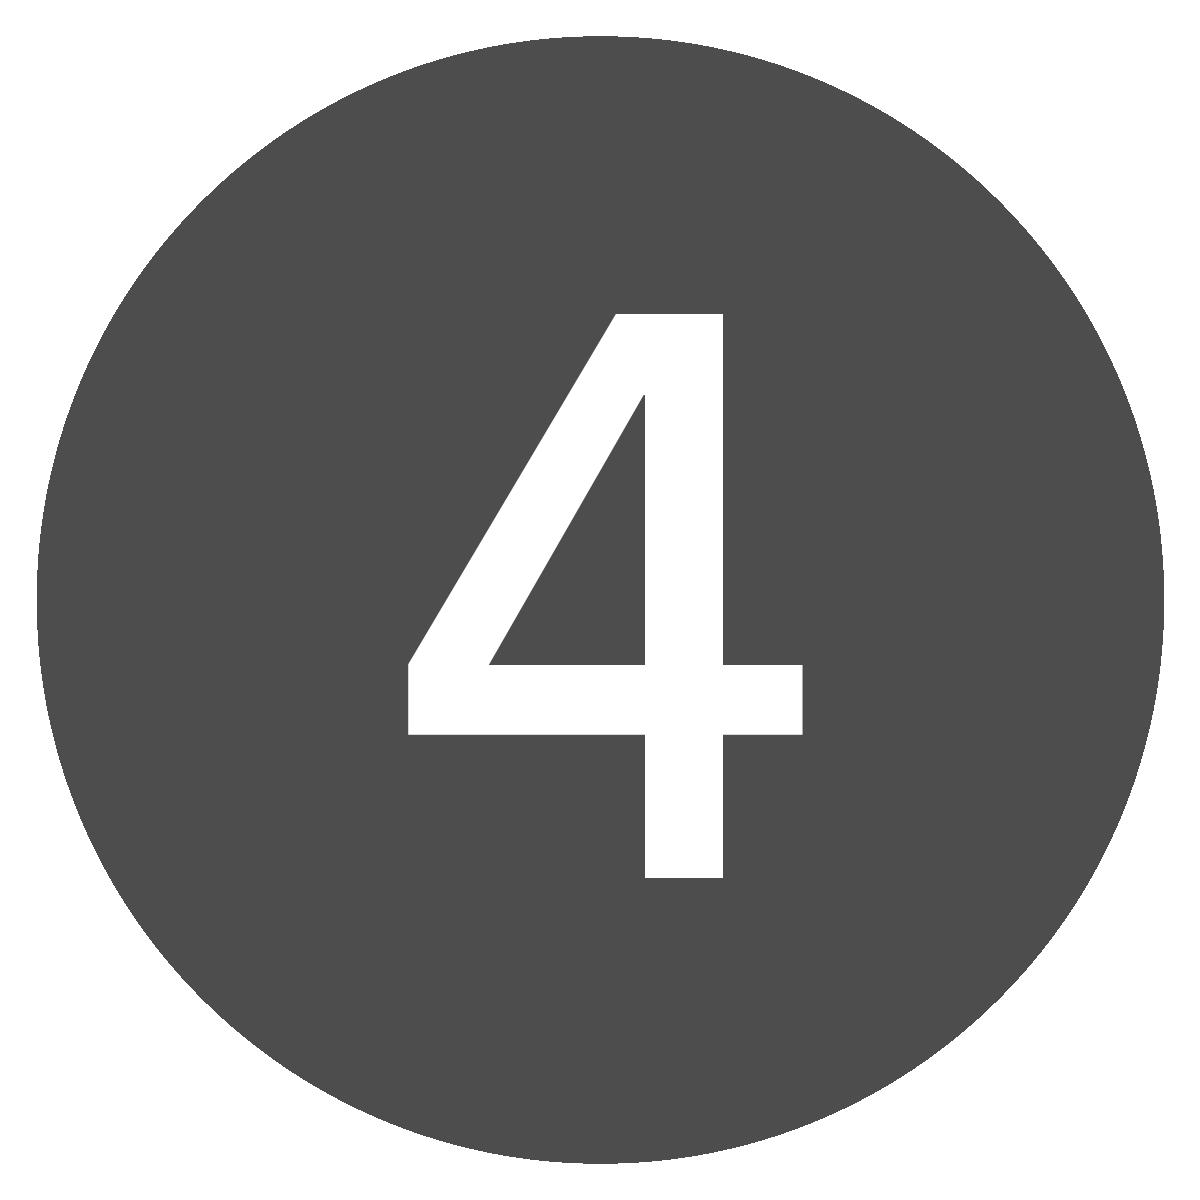 Botón redondo del número cuatro.